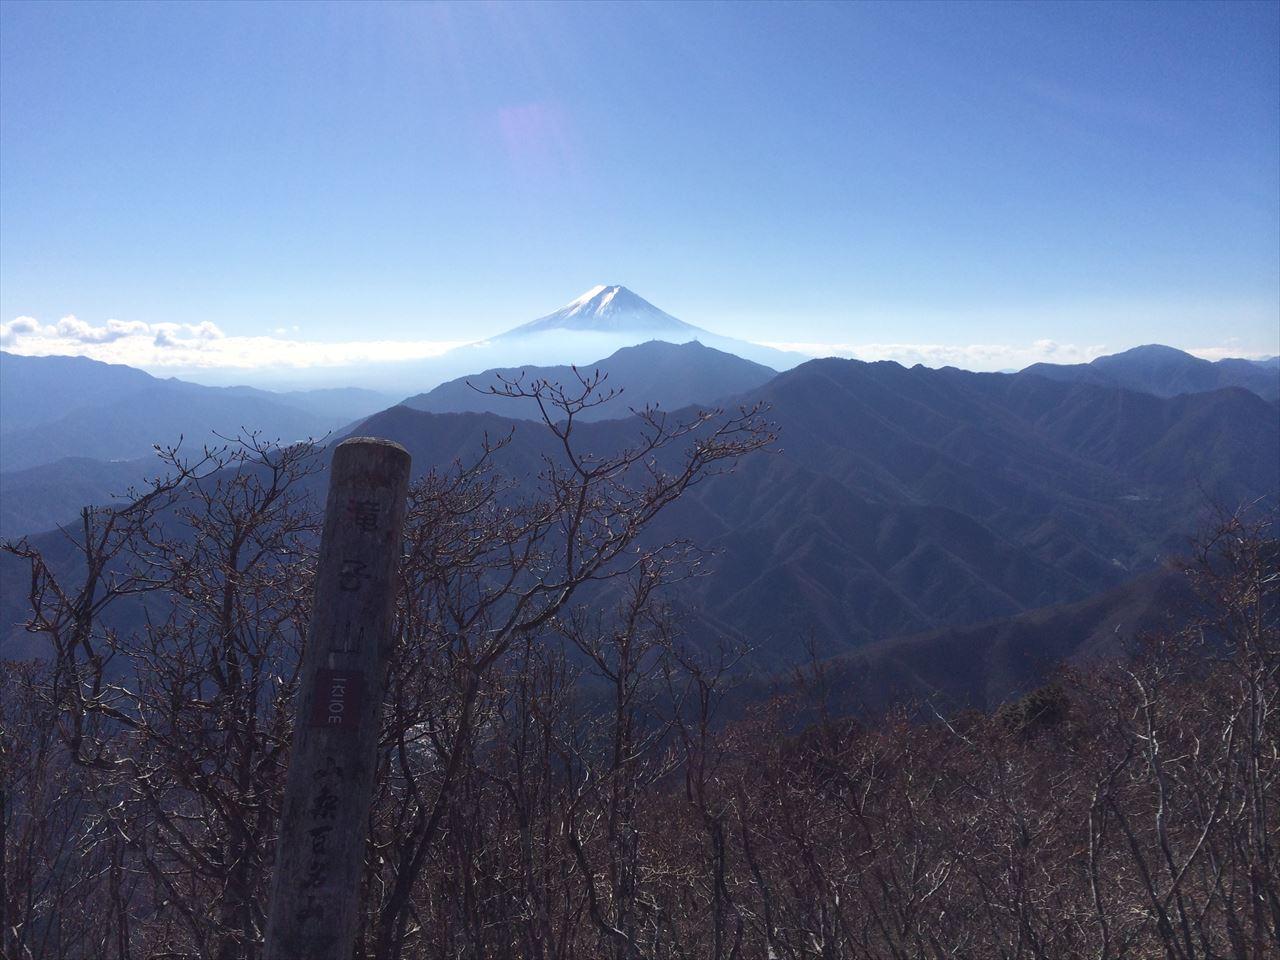 滝子山 登山 落葉の秀麗富嶽十二景4番山頂(2015.12.20)